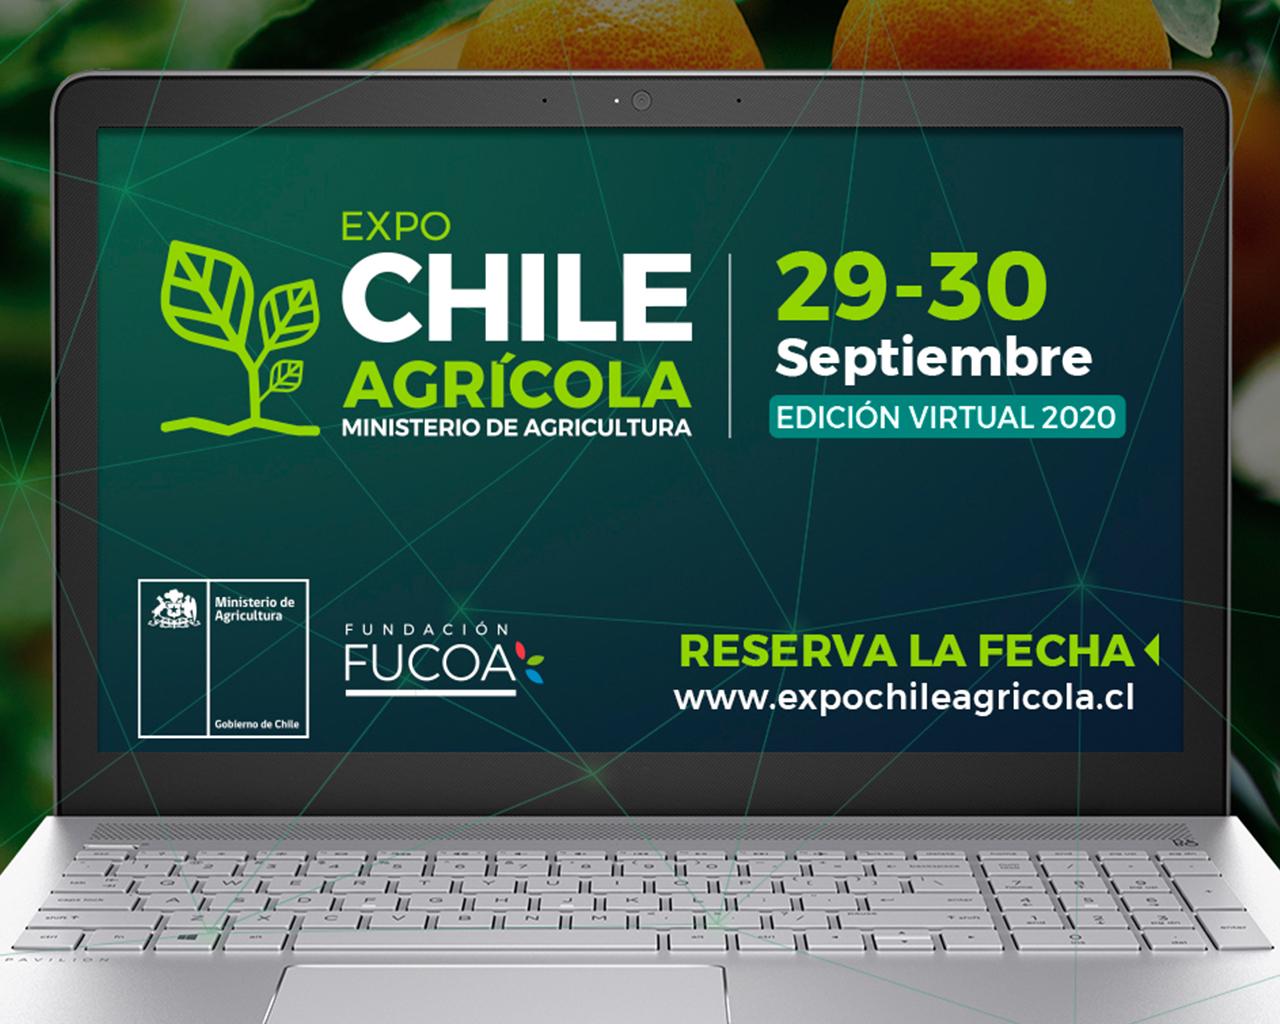 Thinkagro-UTalca presentará soluciones para el sector agroalimentario  en la Expo Chile Agrícola